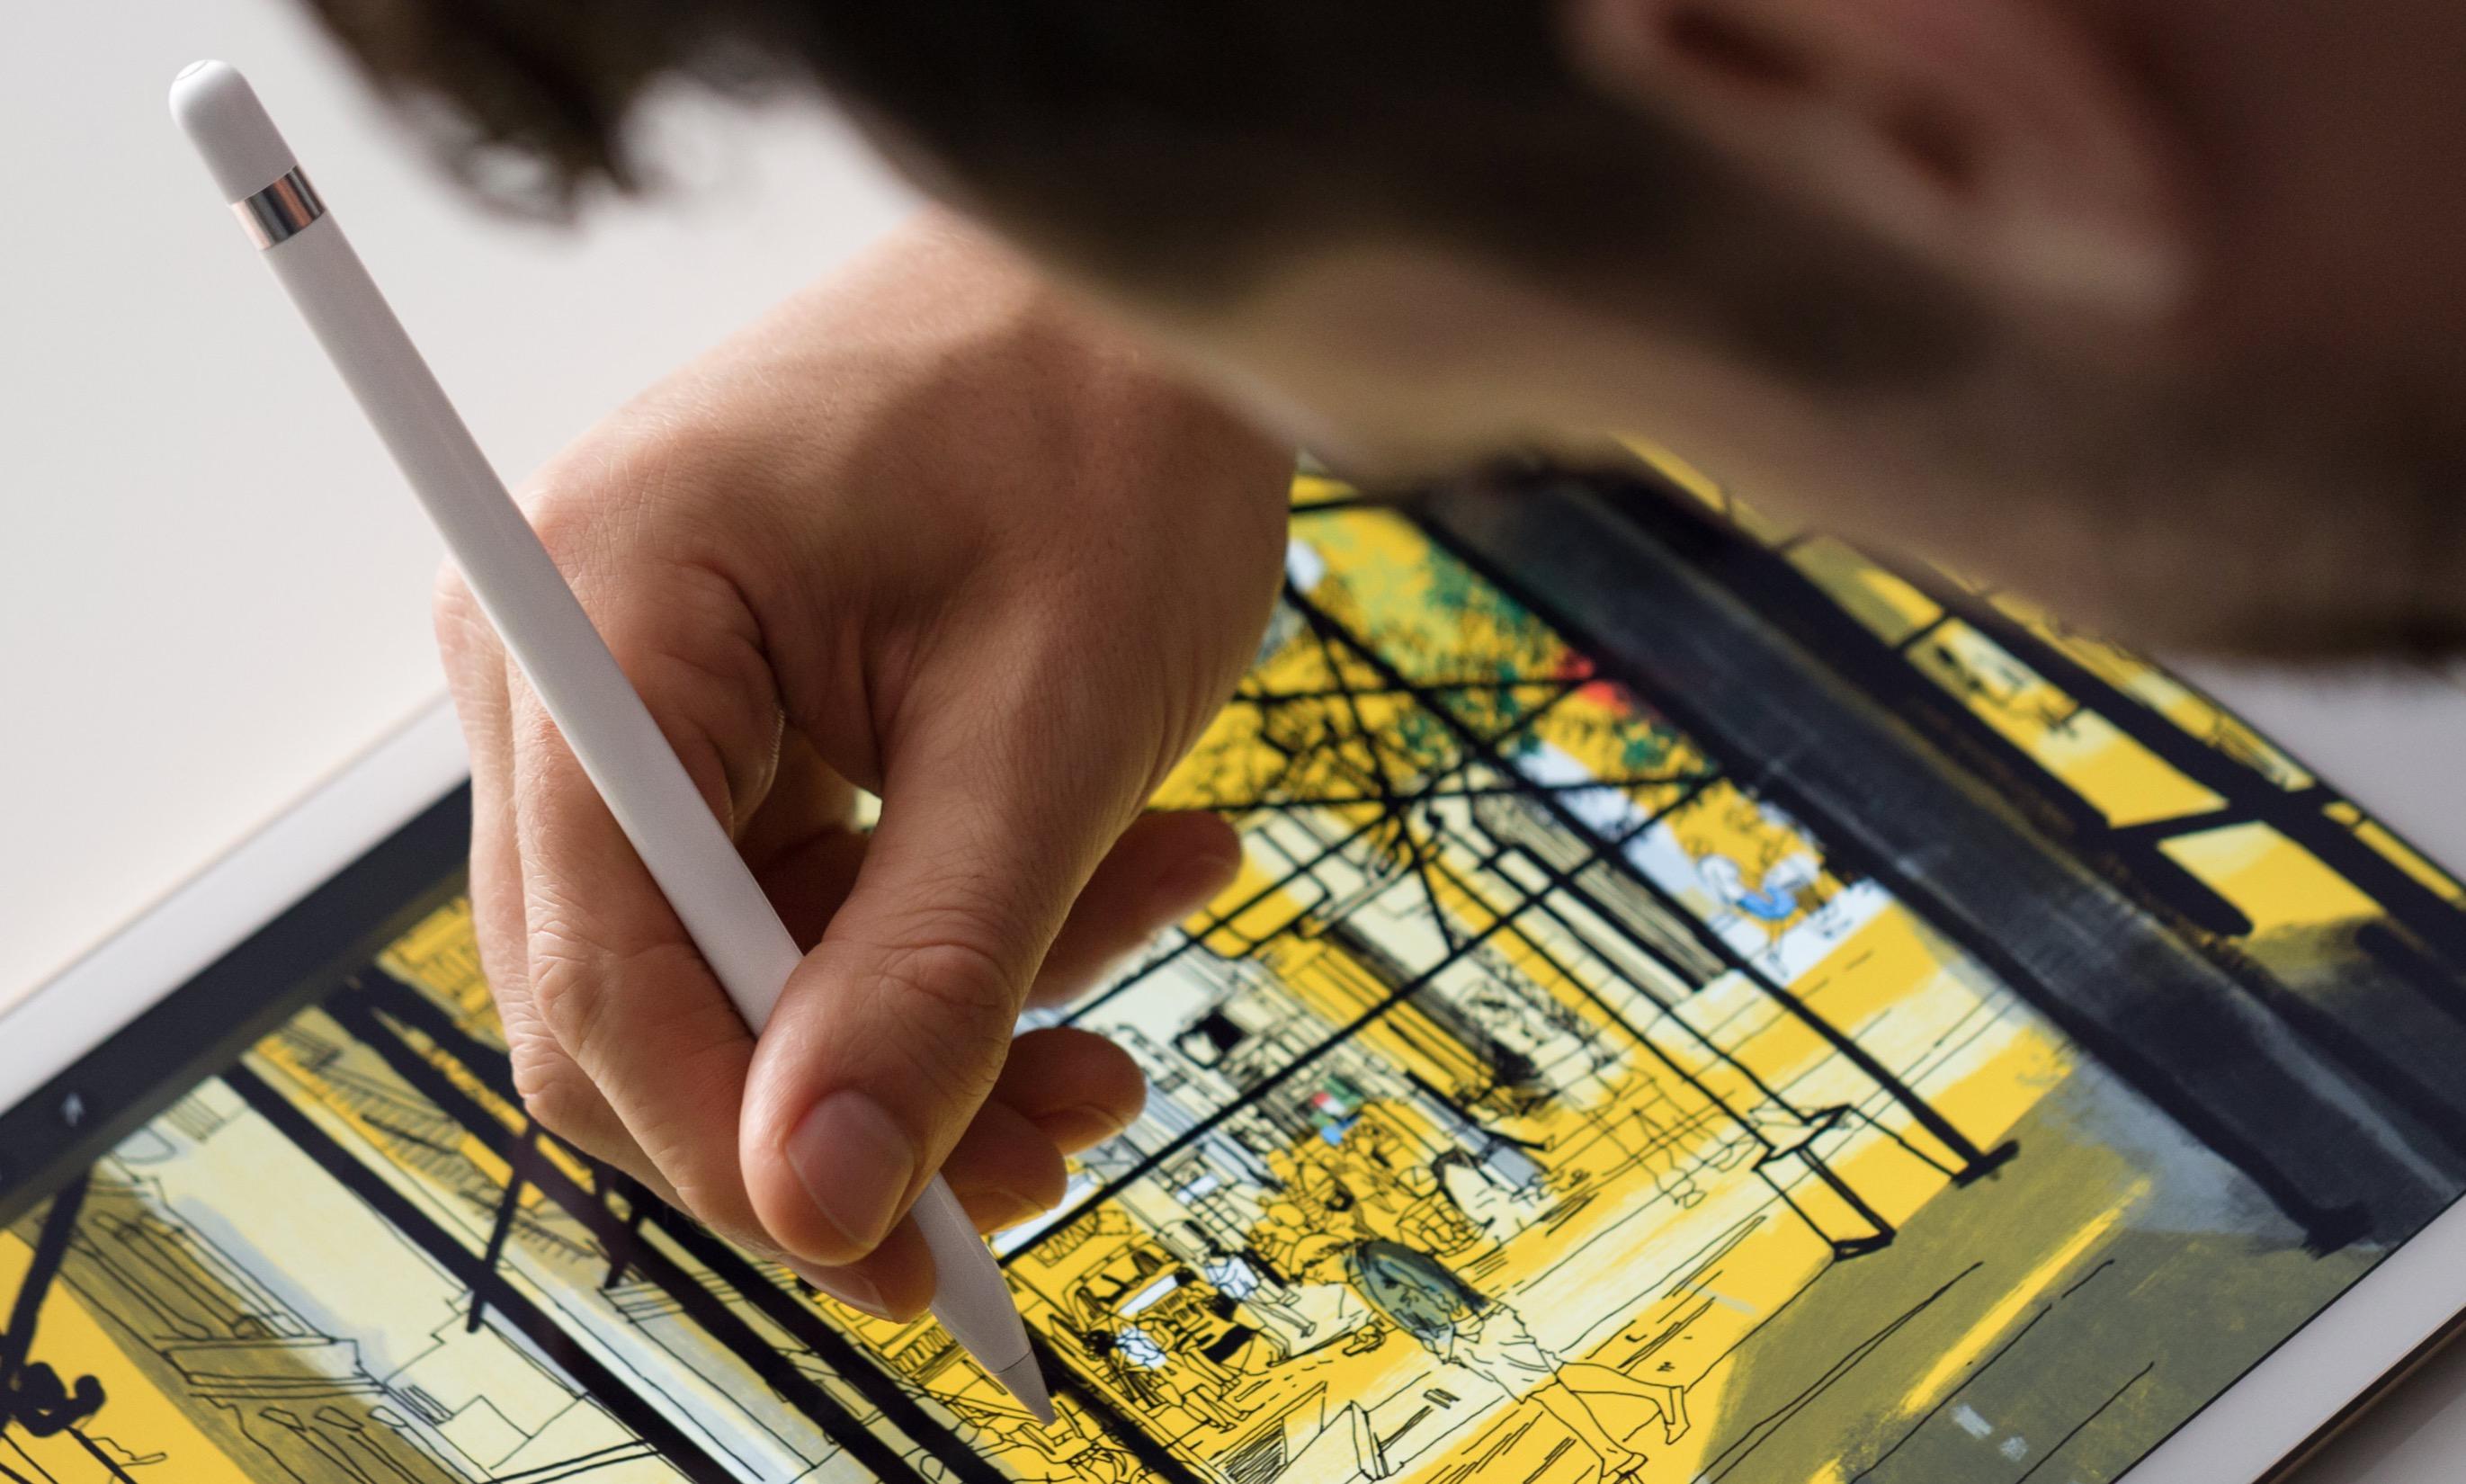 Pencil per iPad Pro